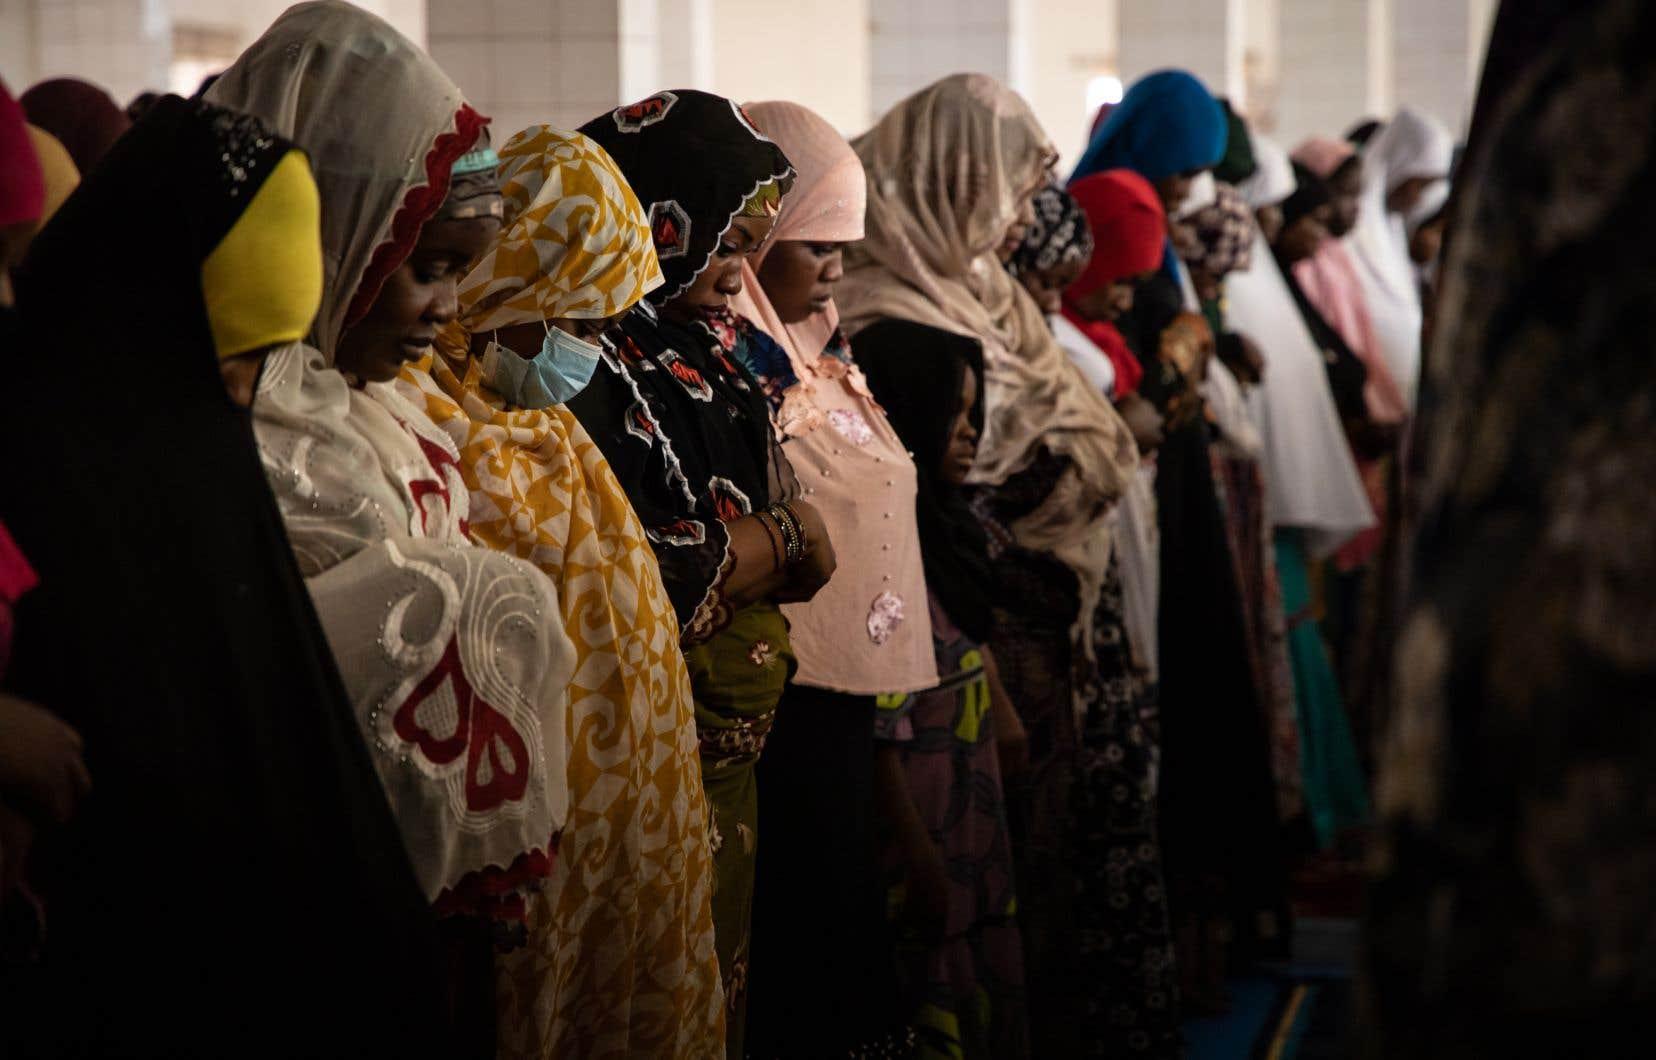 Avant l'annonce du président décrétant une interdiction de regroupements de plus de 50 personnes en soirée vendredi, des musulmans s'étaient réunis le jour même dans des mosquées pour prier.